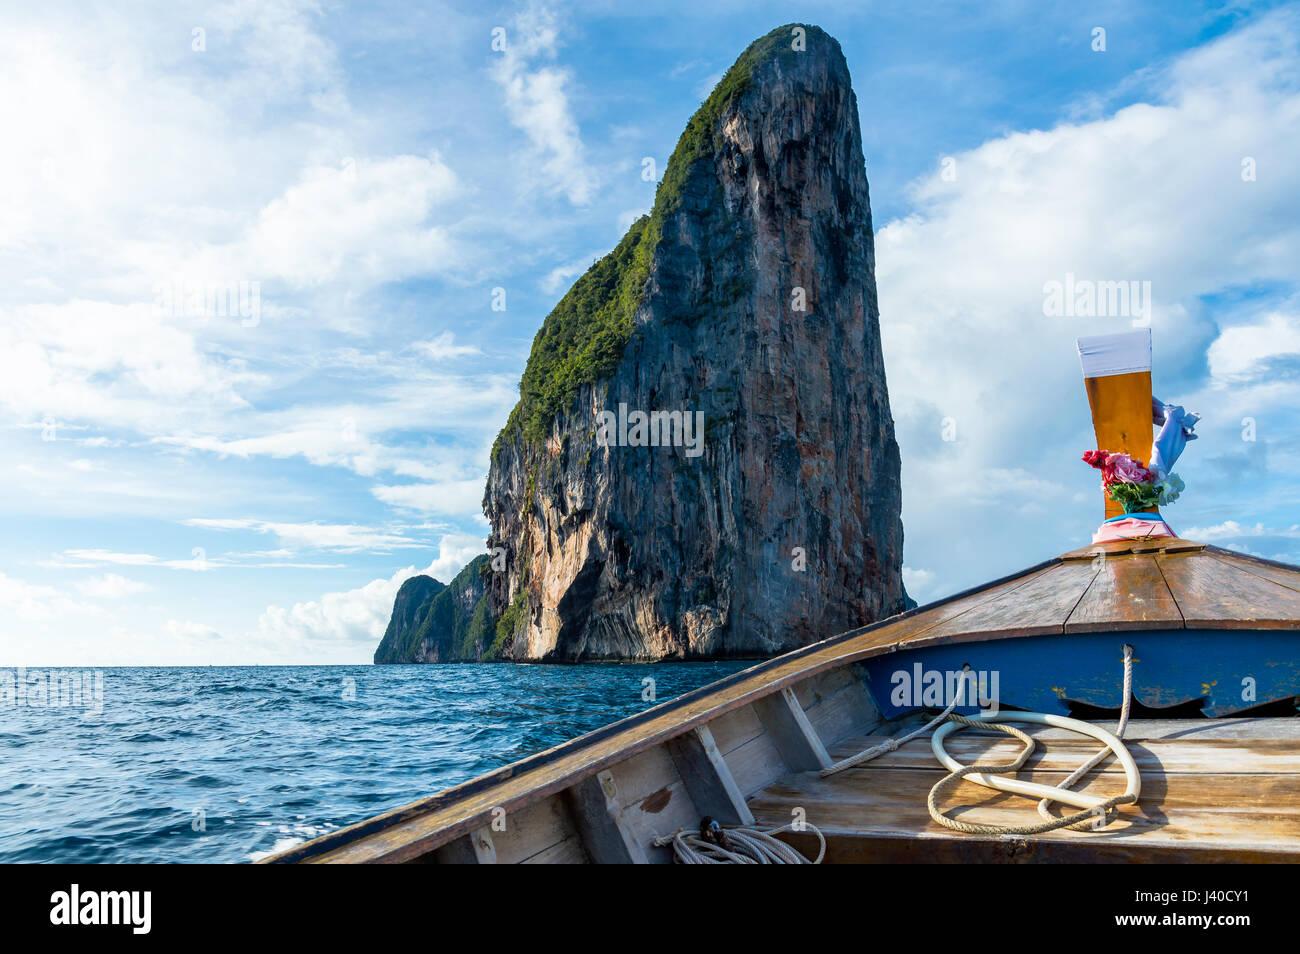 Bateau Longtail en mer contre l'Île et Ciel Bleu Photo Stock